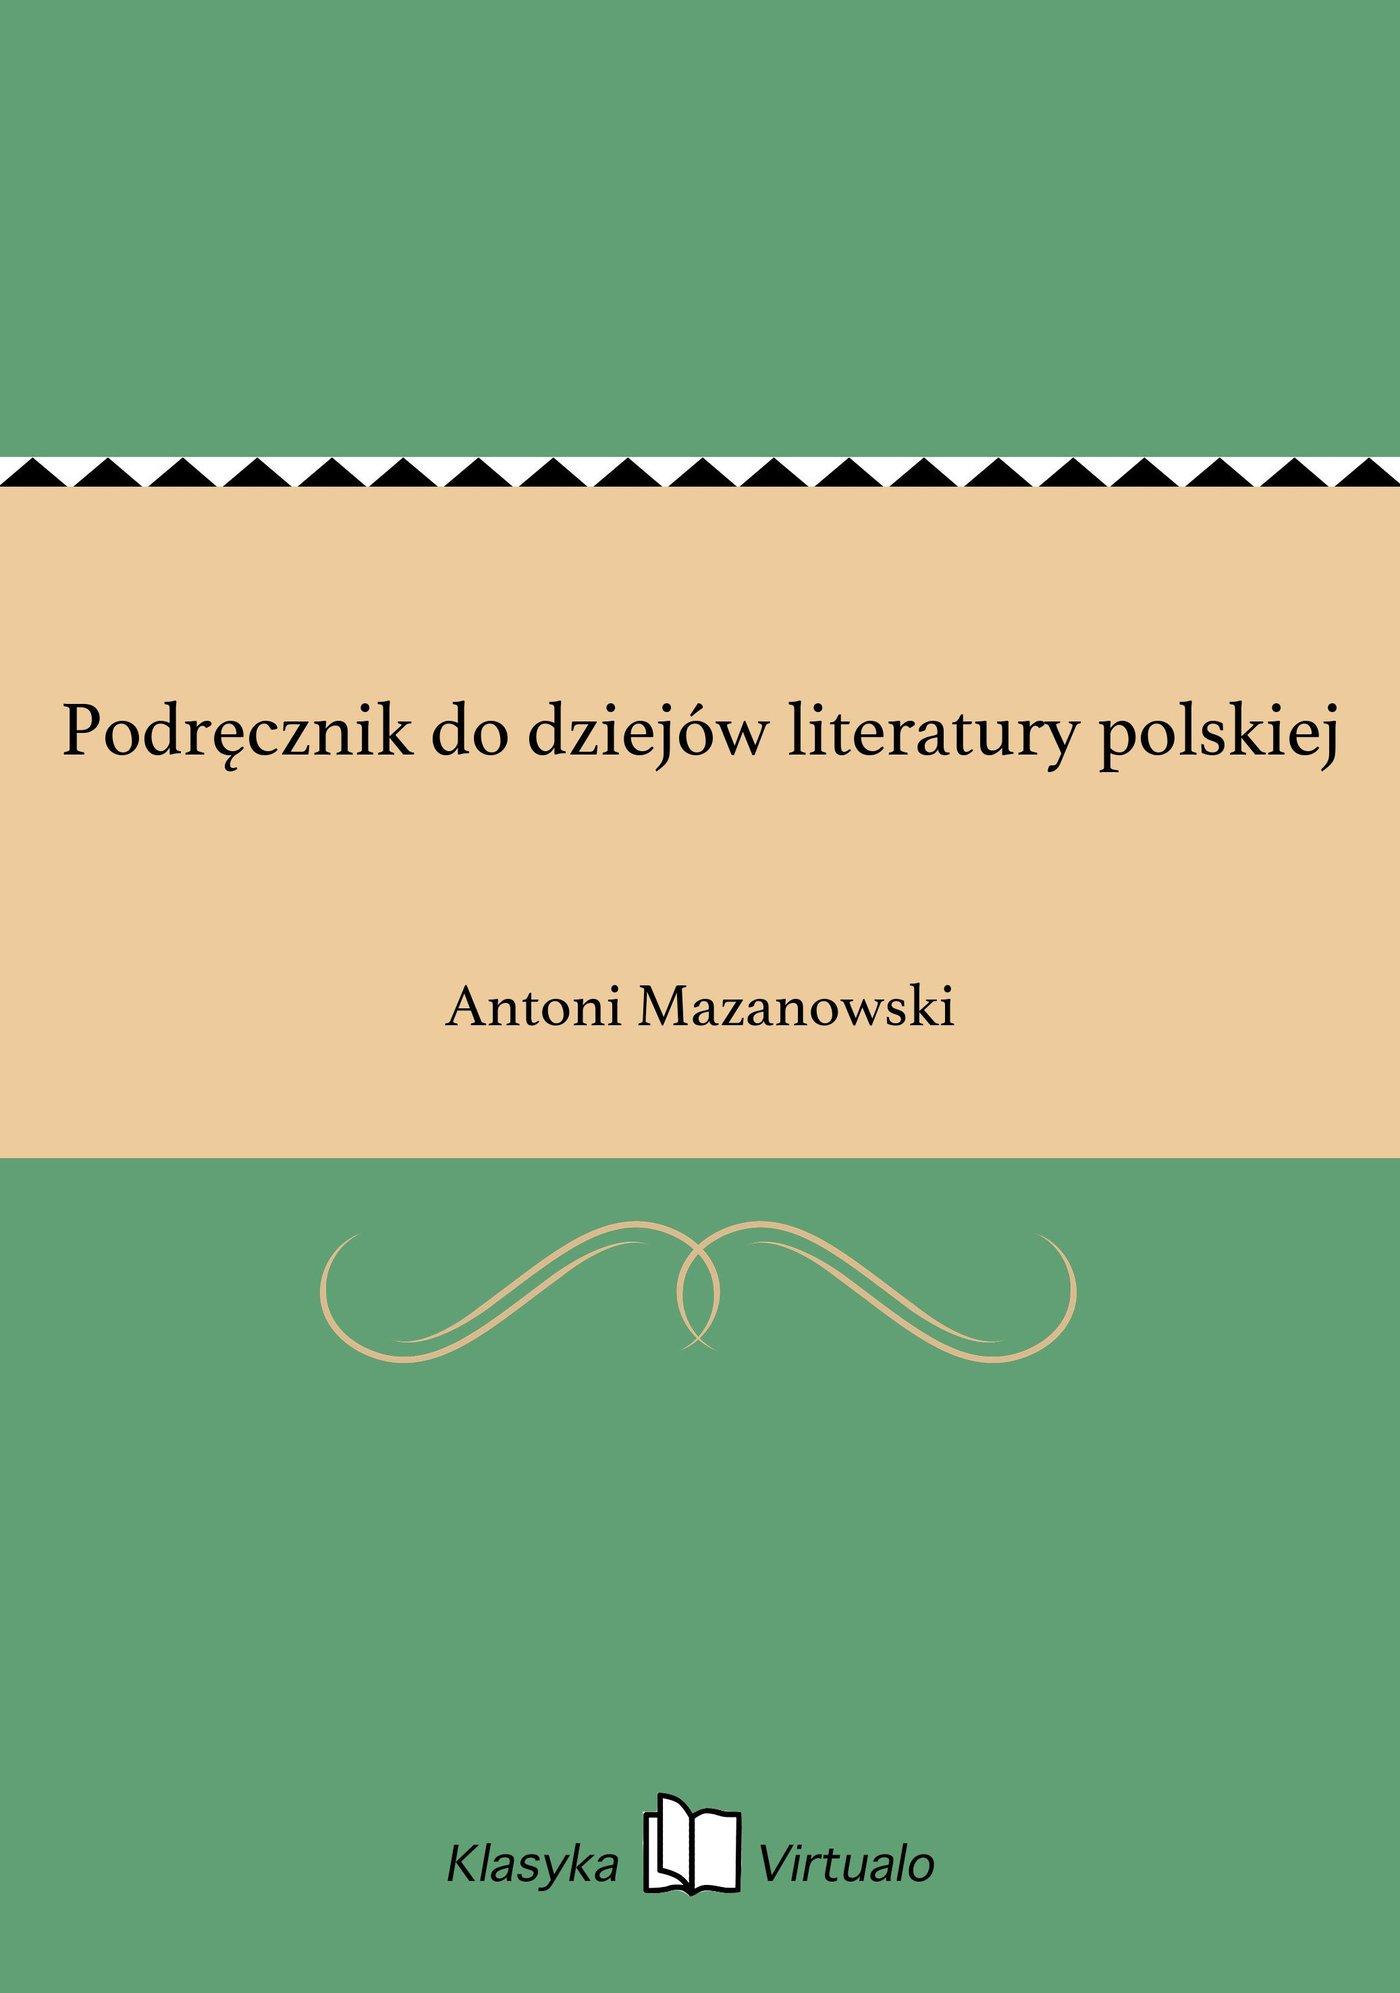 Podręcznik do dziejów literatury polskiej - Ebook (Książka na Kindle) do pobrania w formacie MOBI